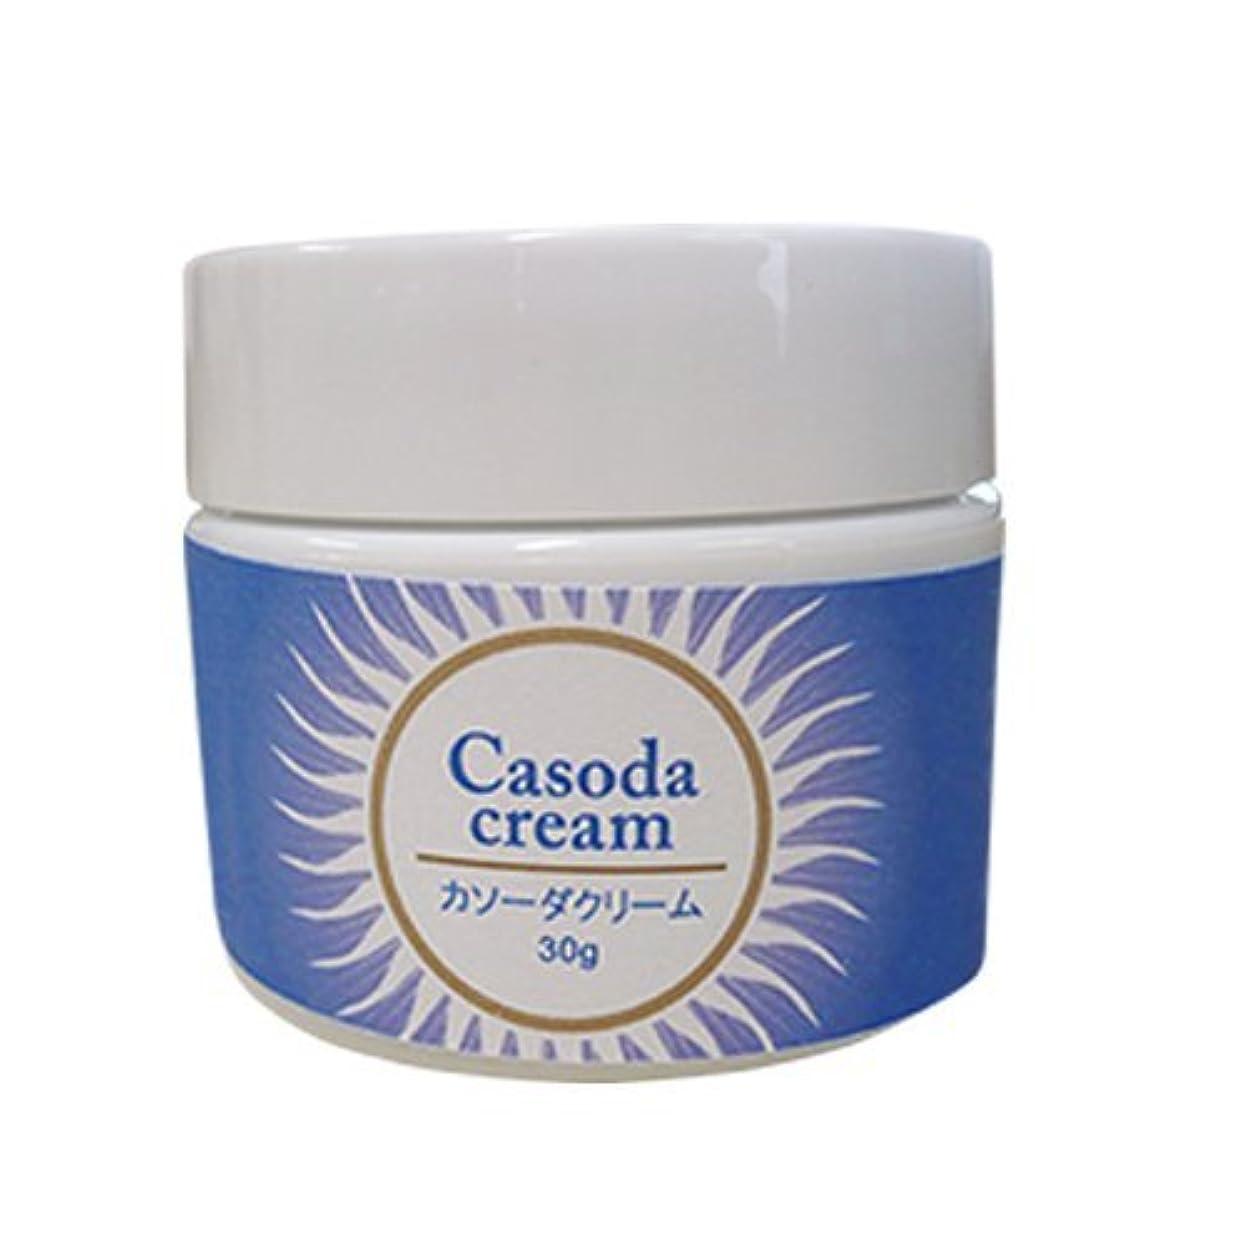 つぶす可能にする付添人casoda カソーダ クリーム 30g